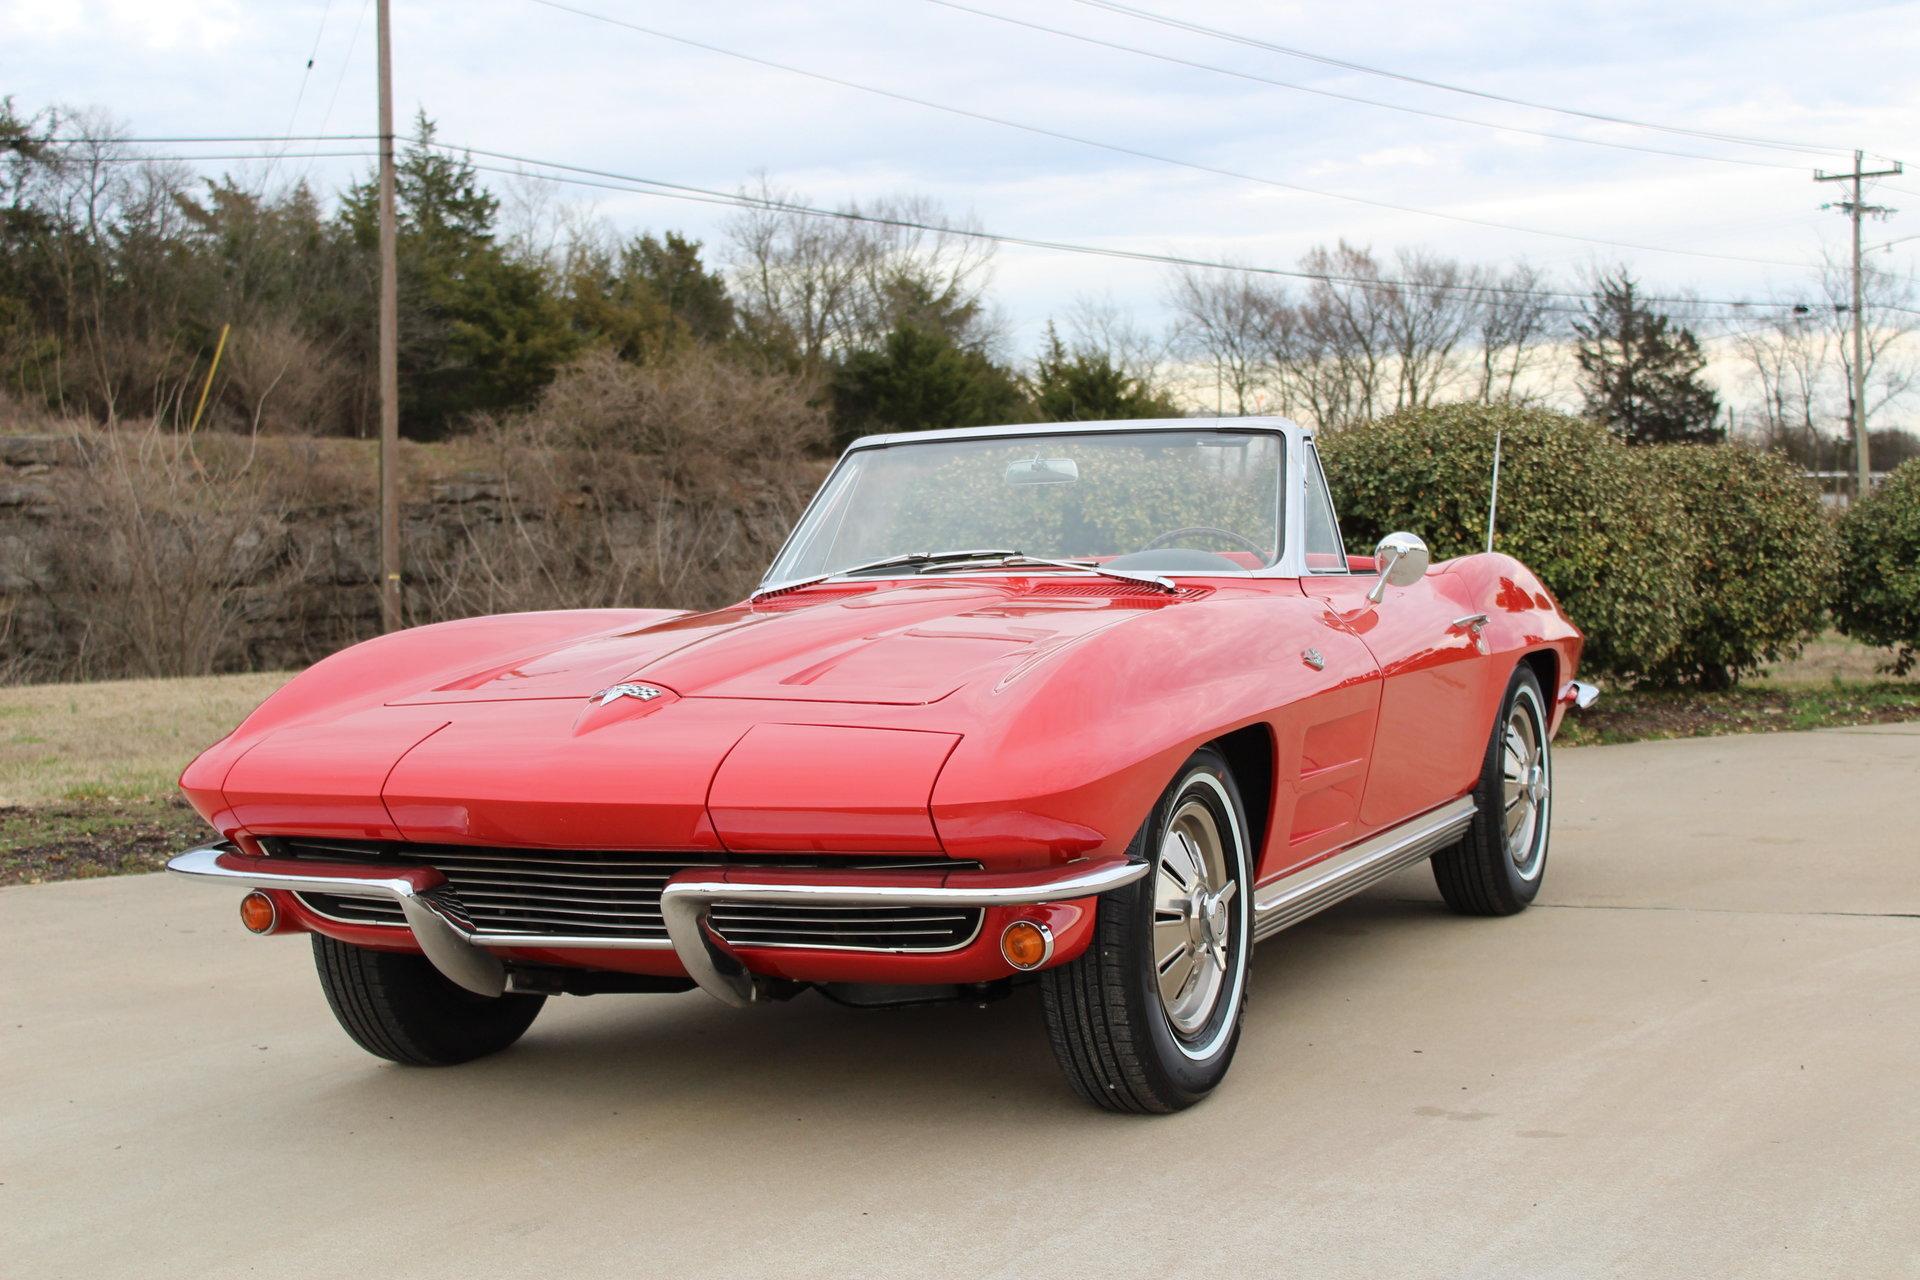 40486a51e262 hd 1964 chevrolet corvette